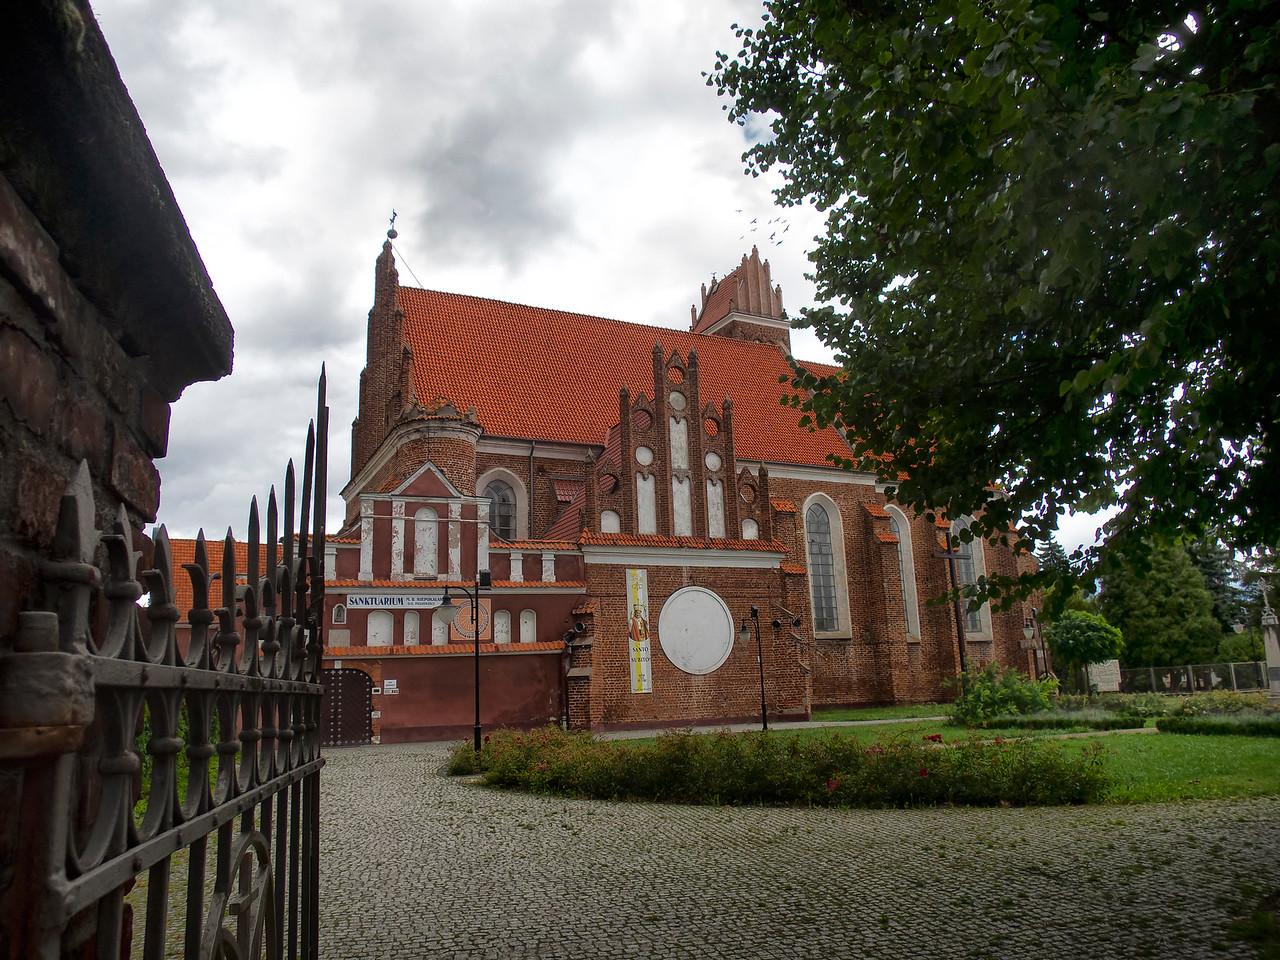 Shrine of the Immaculate Mother of  God in Przasnysz, Poland / Sanktuarium M. B. Niepokalanej Przewodniczki w Przasnyszu, Polska